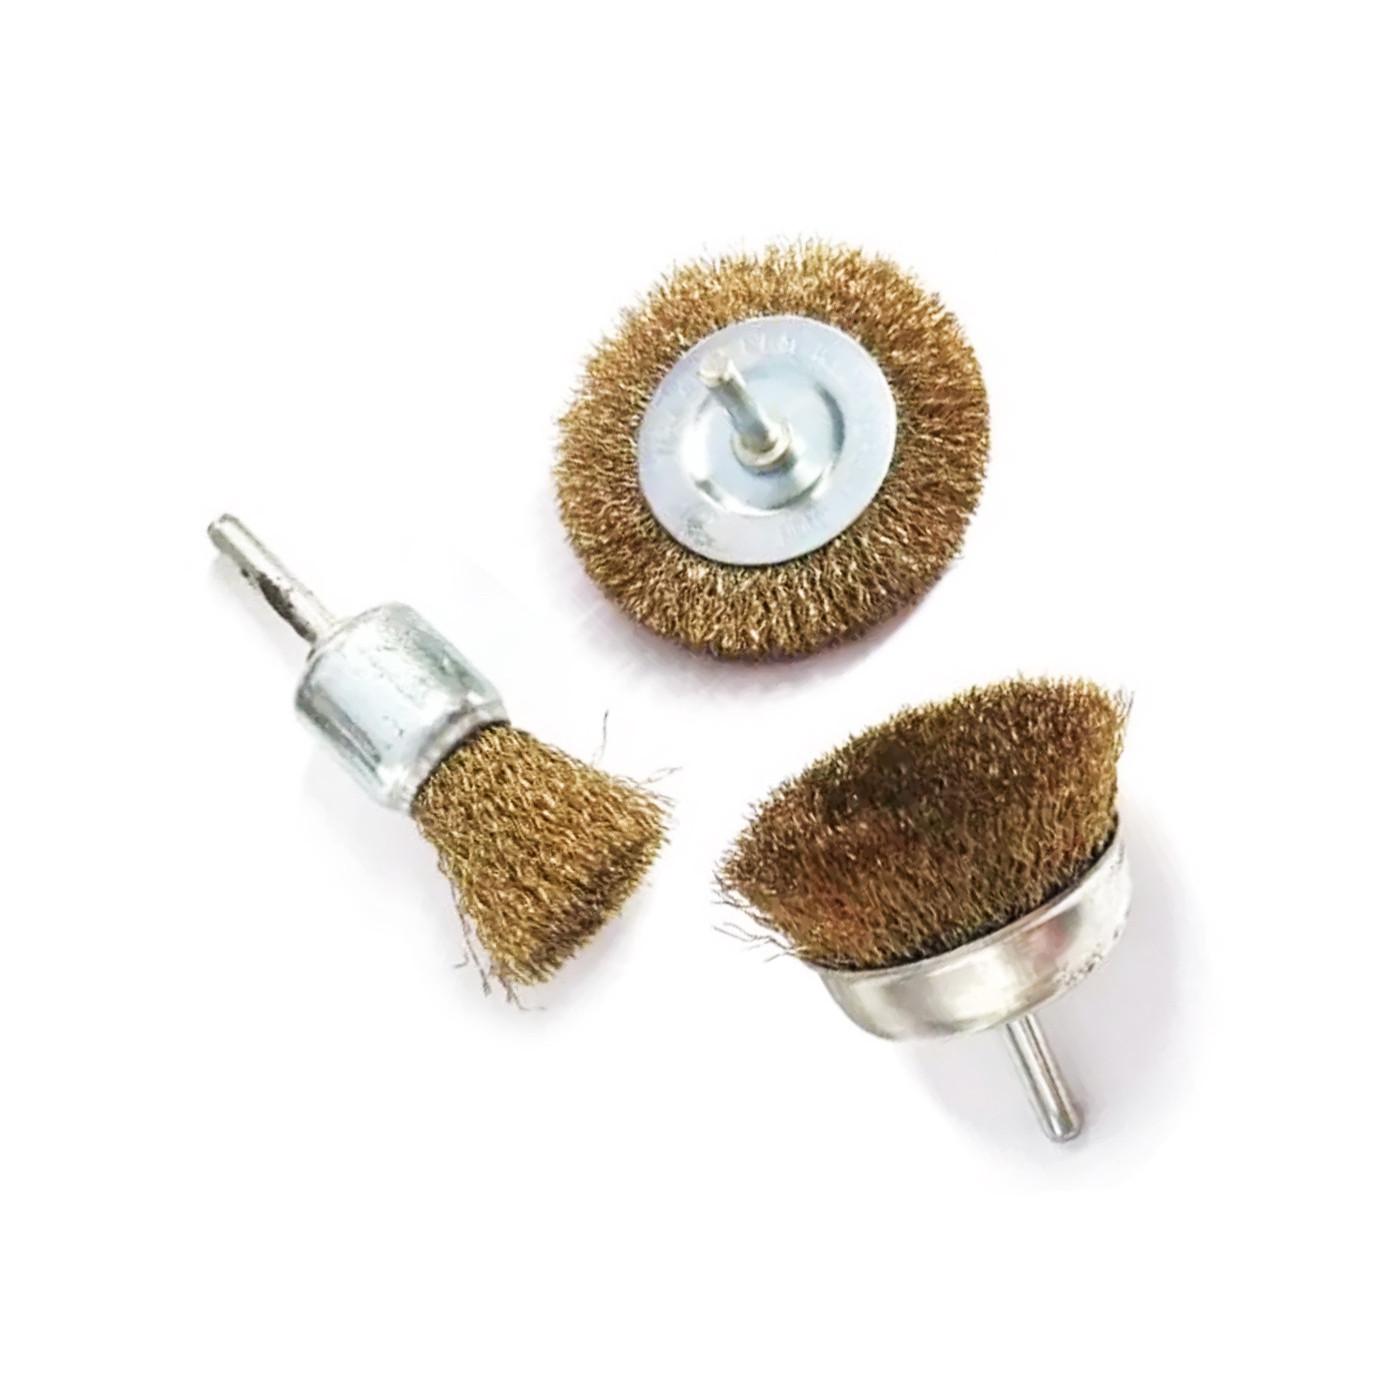 Jeu de 3 brosses métalliques (tige 6,35 mm) pour perceuse électrique  - 1